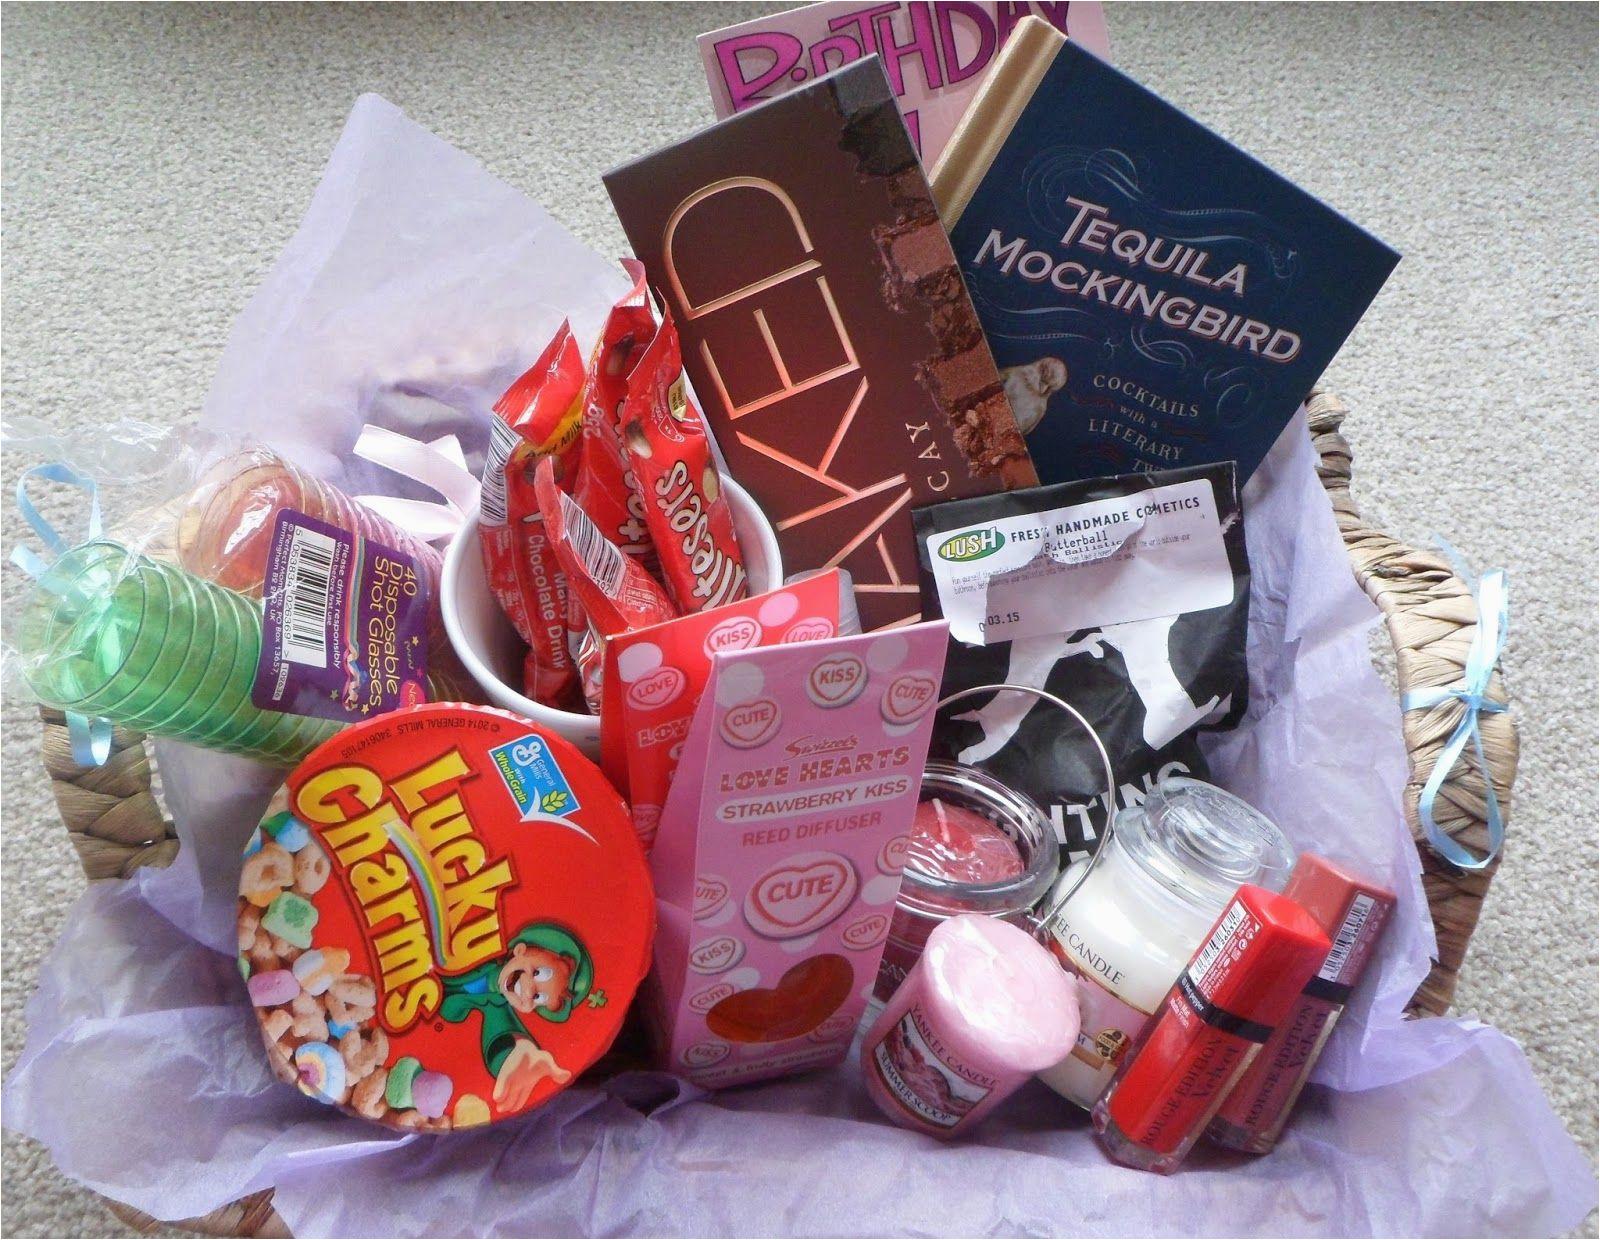 Birthday Presents for Boyfriend 17th Beauty by A Geek 17th Birthday Present Idea Woahhh